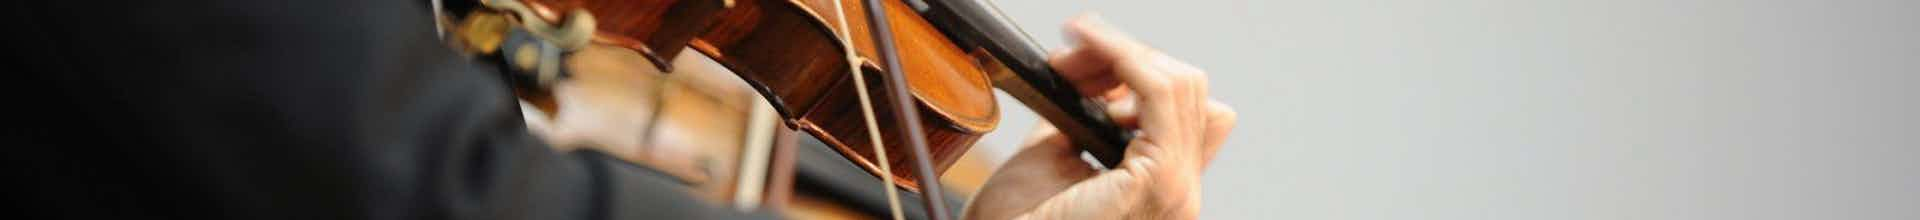 violist-close-up